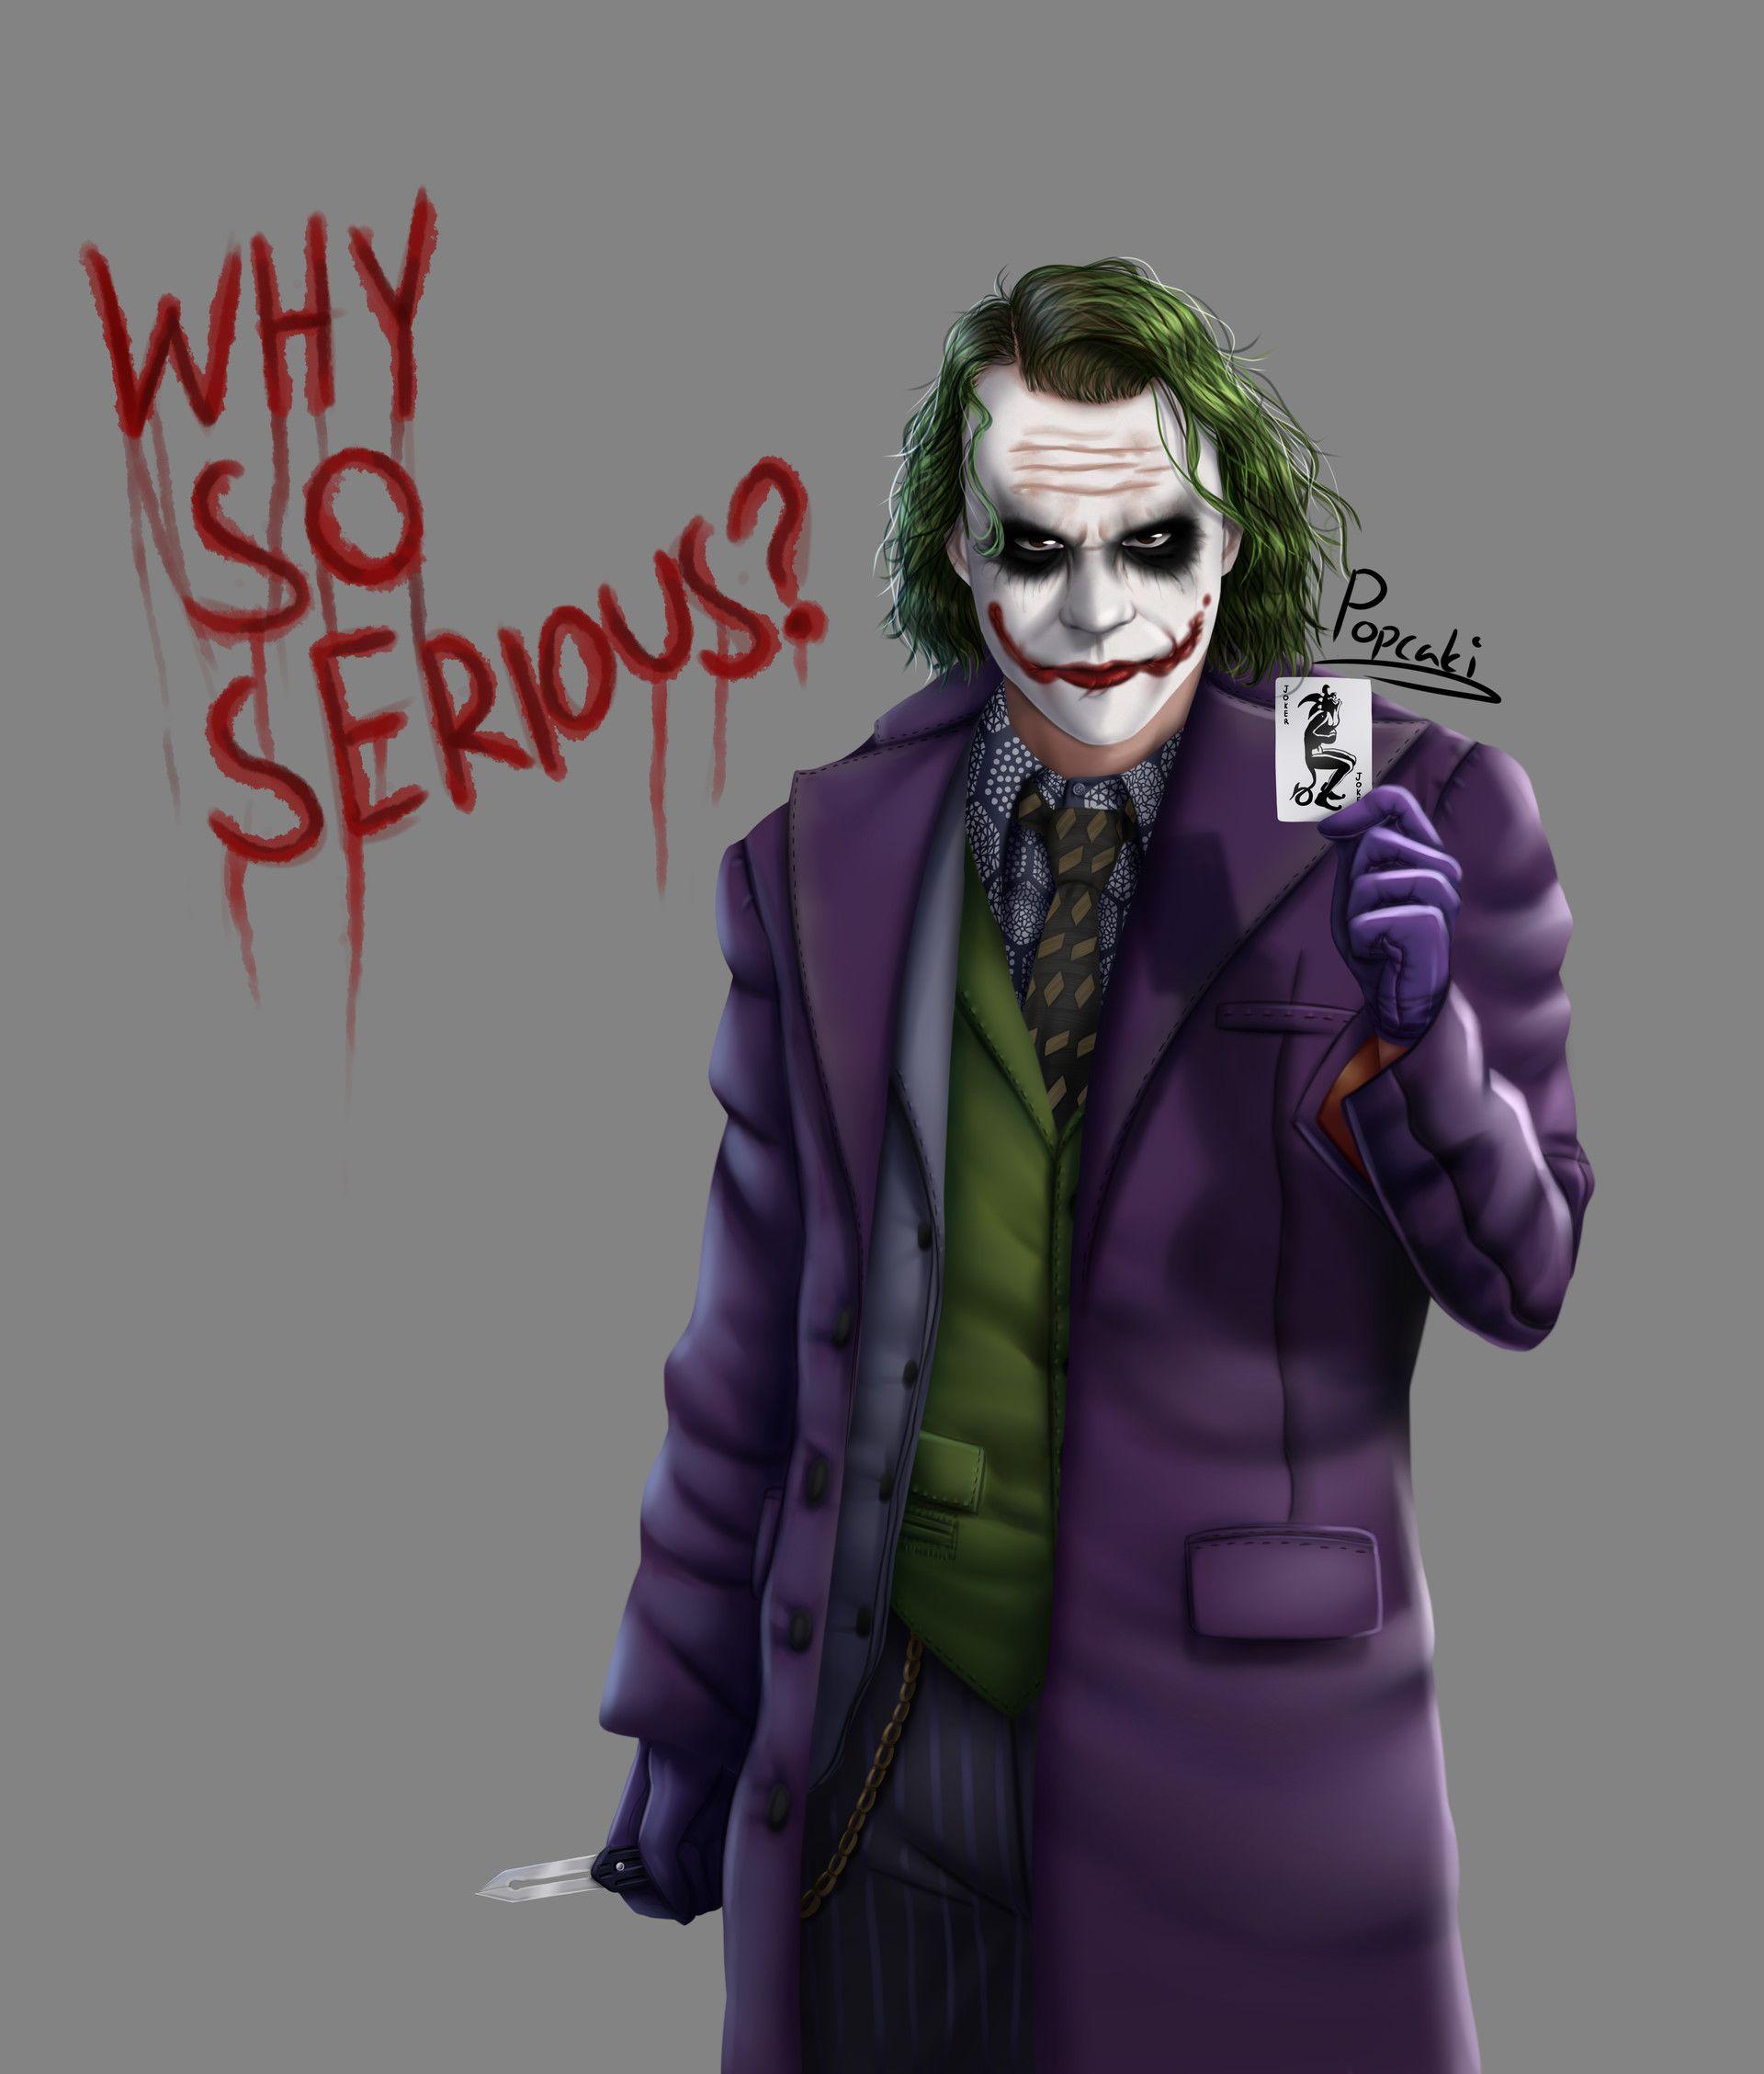 Artstation The Joker Why So Serious Popcaki Joker Pics Joker Images Joker Artwork